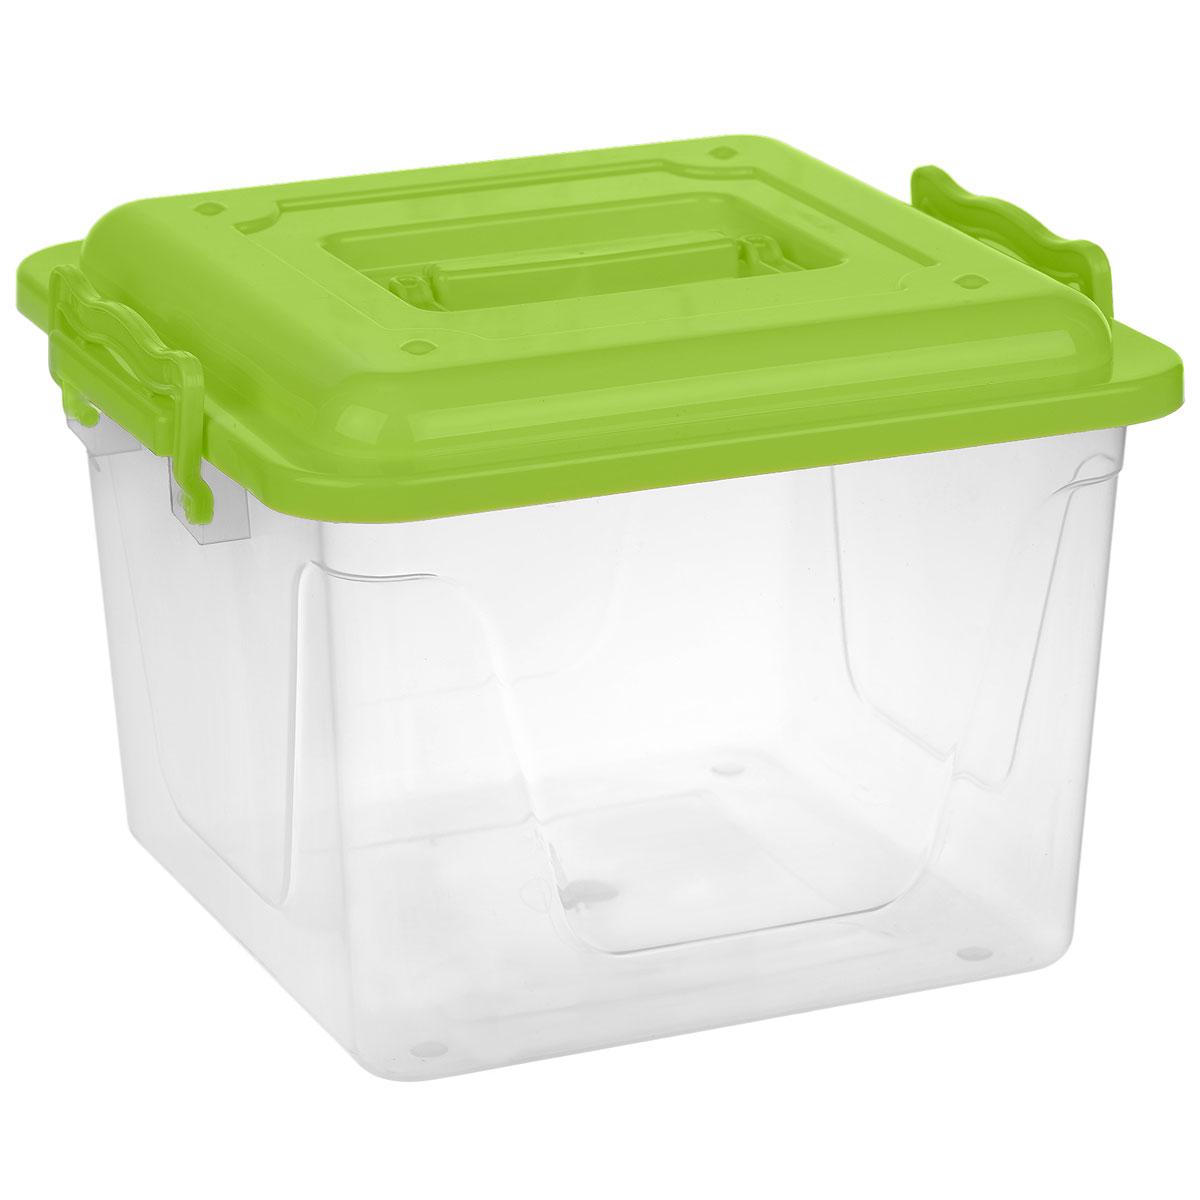 Контейнер Альтернатива, цвет: зеленый, 8,5 лМ1032Контейнер Альтернатива выполнен из прочного пластика. Он предназначен для хранения различных бытовых вещей и продуктов.Контейнер оснащен по бокам ручками, которые плотно закрывают крышку контейнера. Также на крышке имеется ручка для удобной переноски. Контейнер поможет хранить все в одном месте, он защитит вещи от пыли, грязи и влаги.